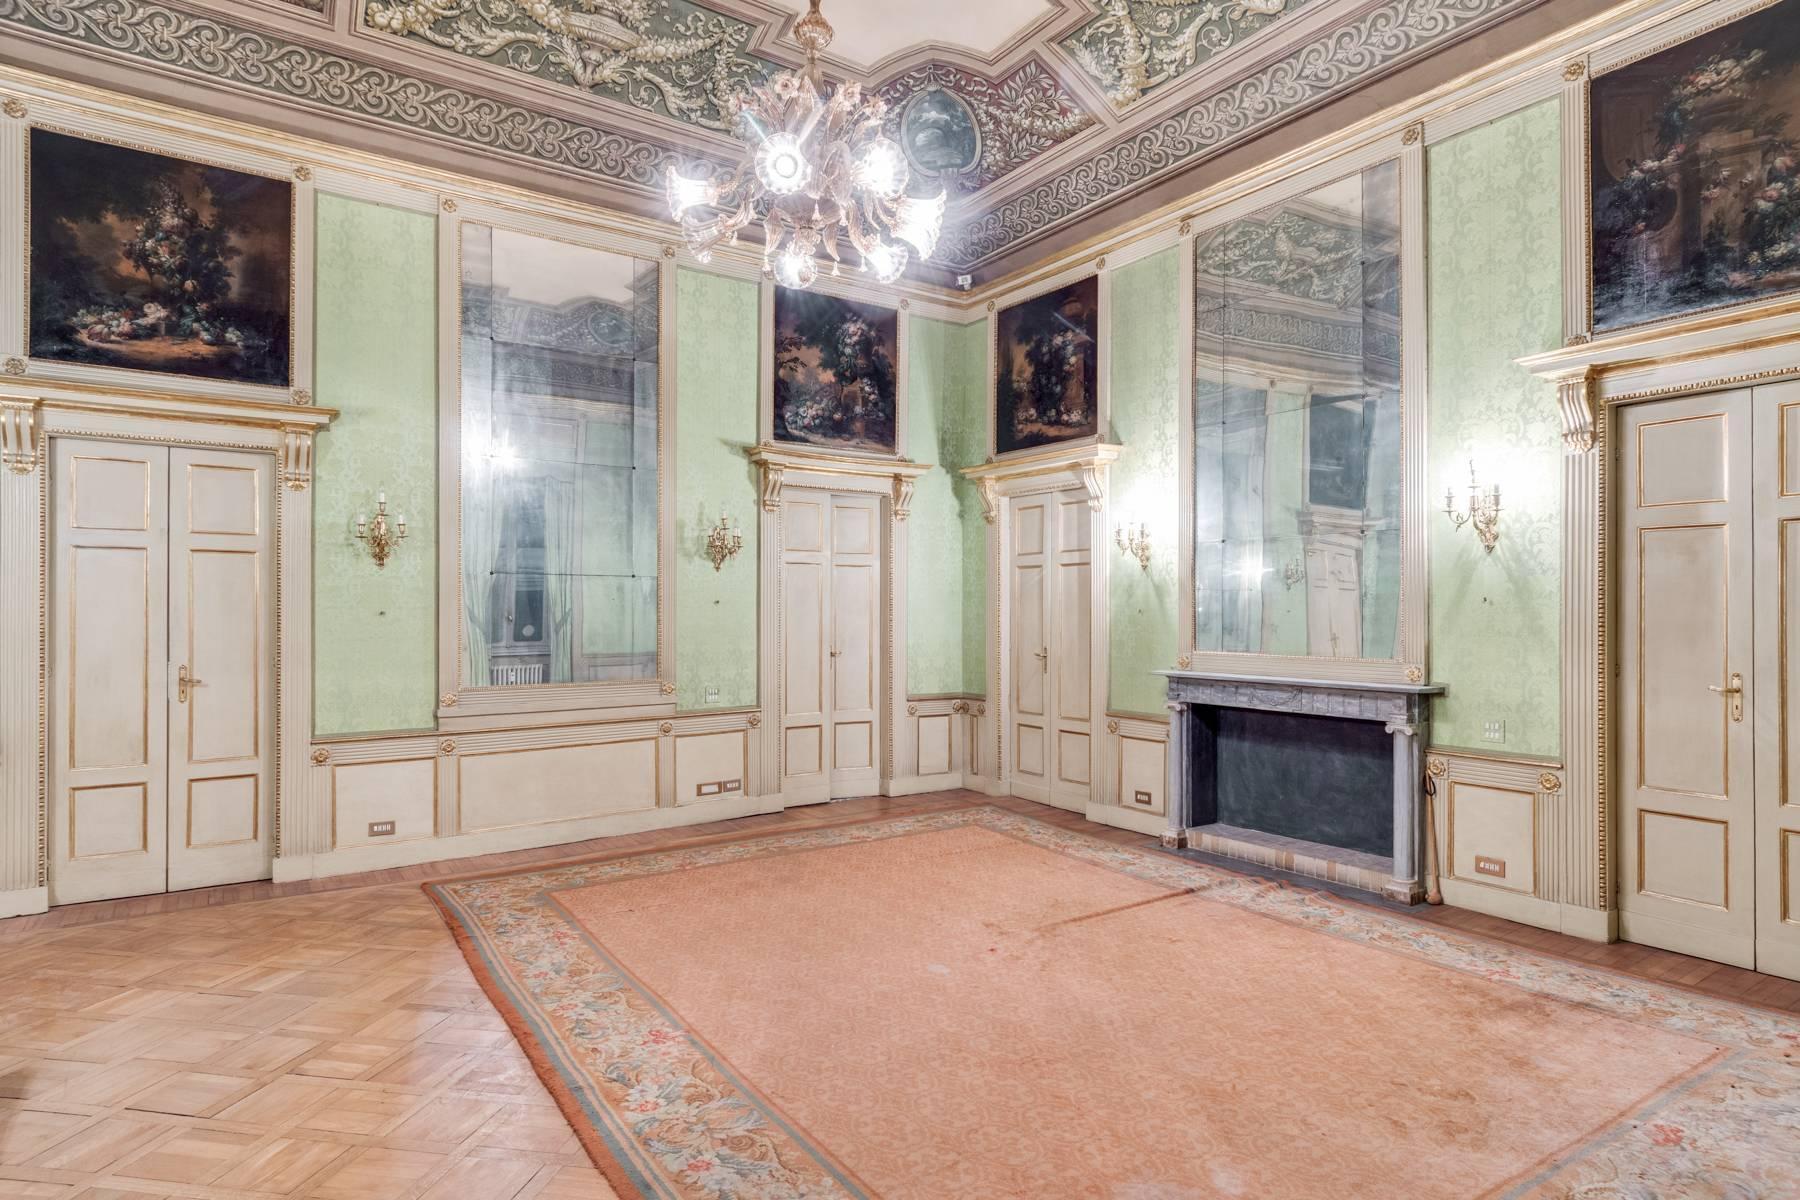 Appartement élégant dans un palais historique - 9